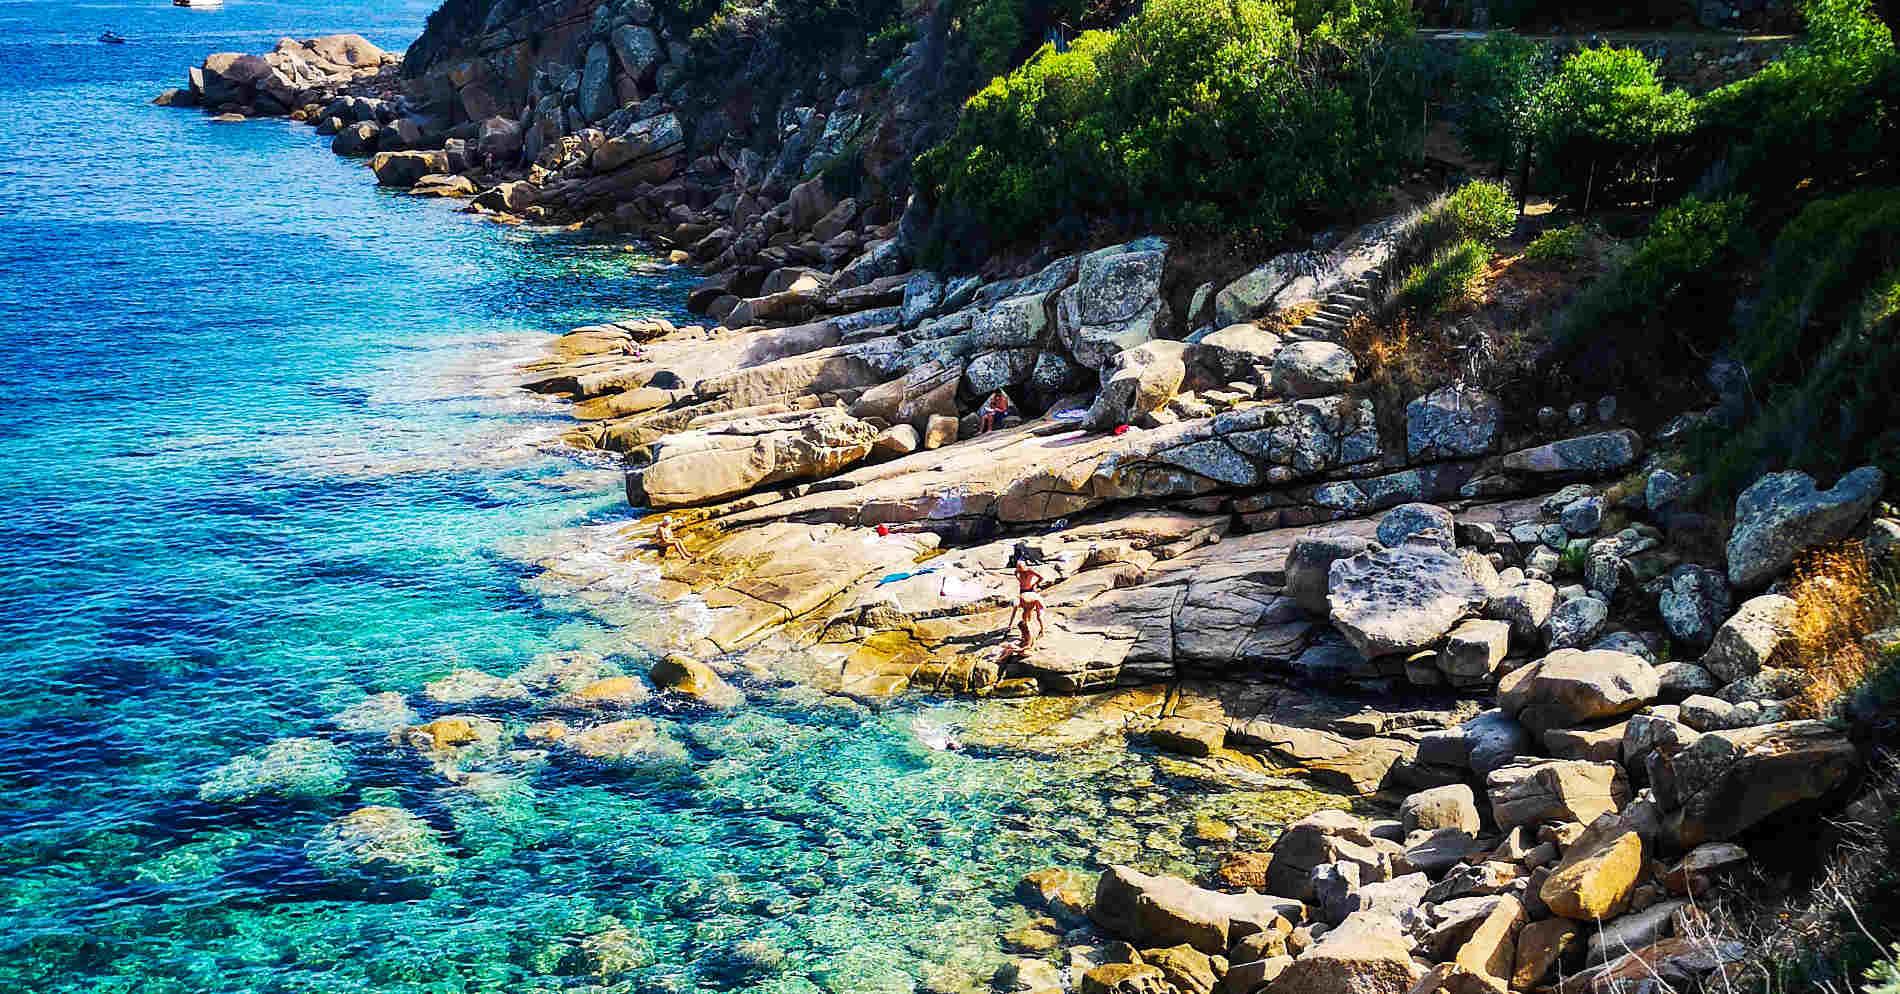 Spiaggia di Scogli all'Isola del Giglio arcipelago toscano Italia